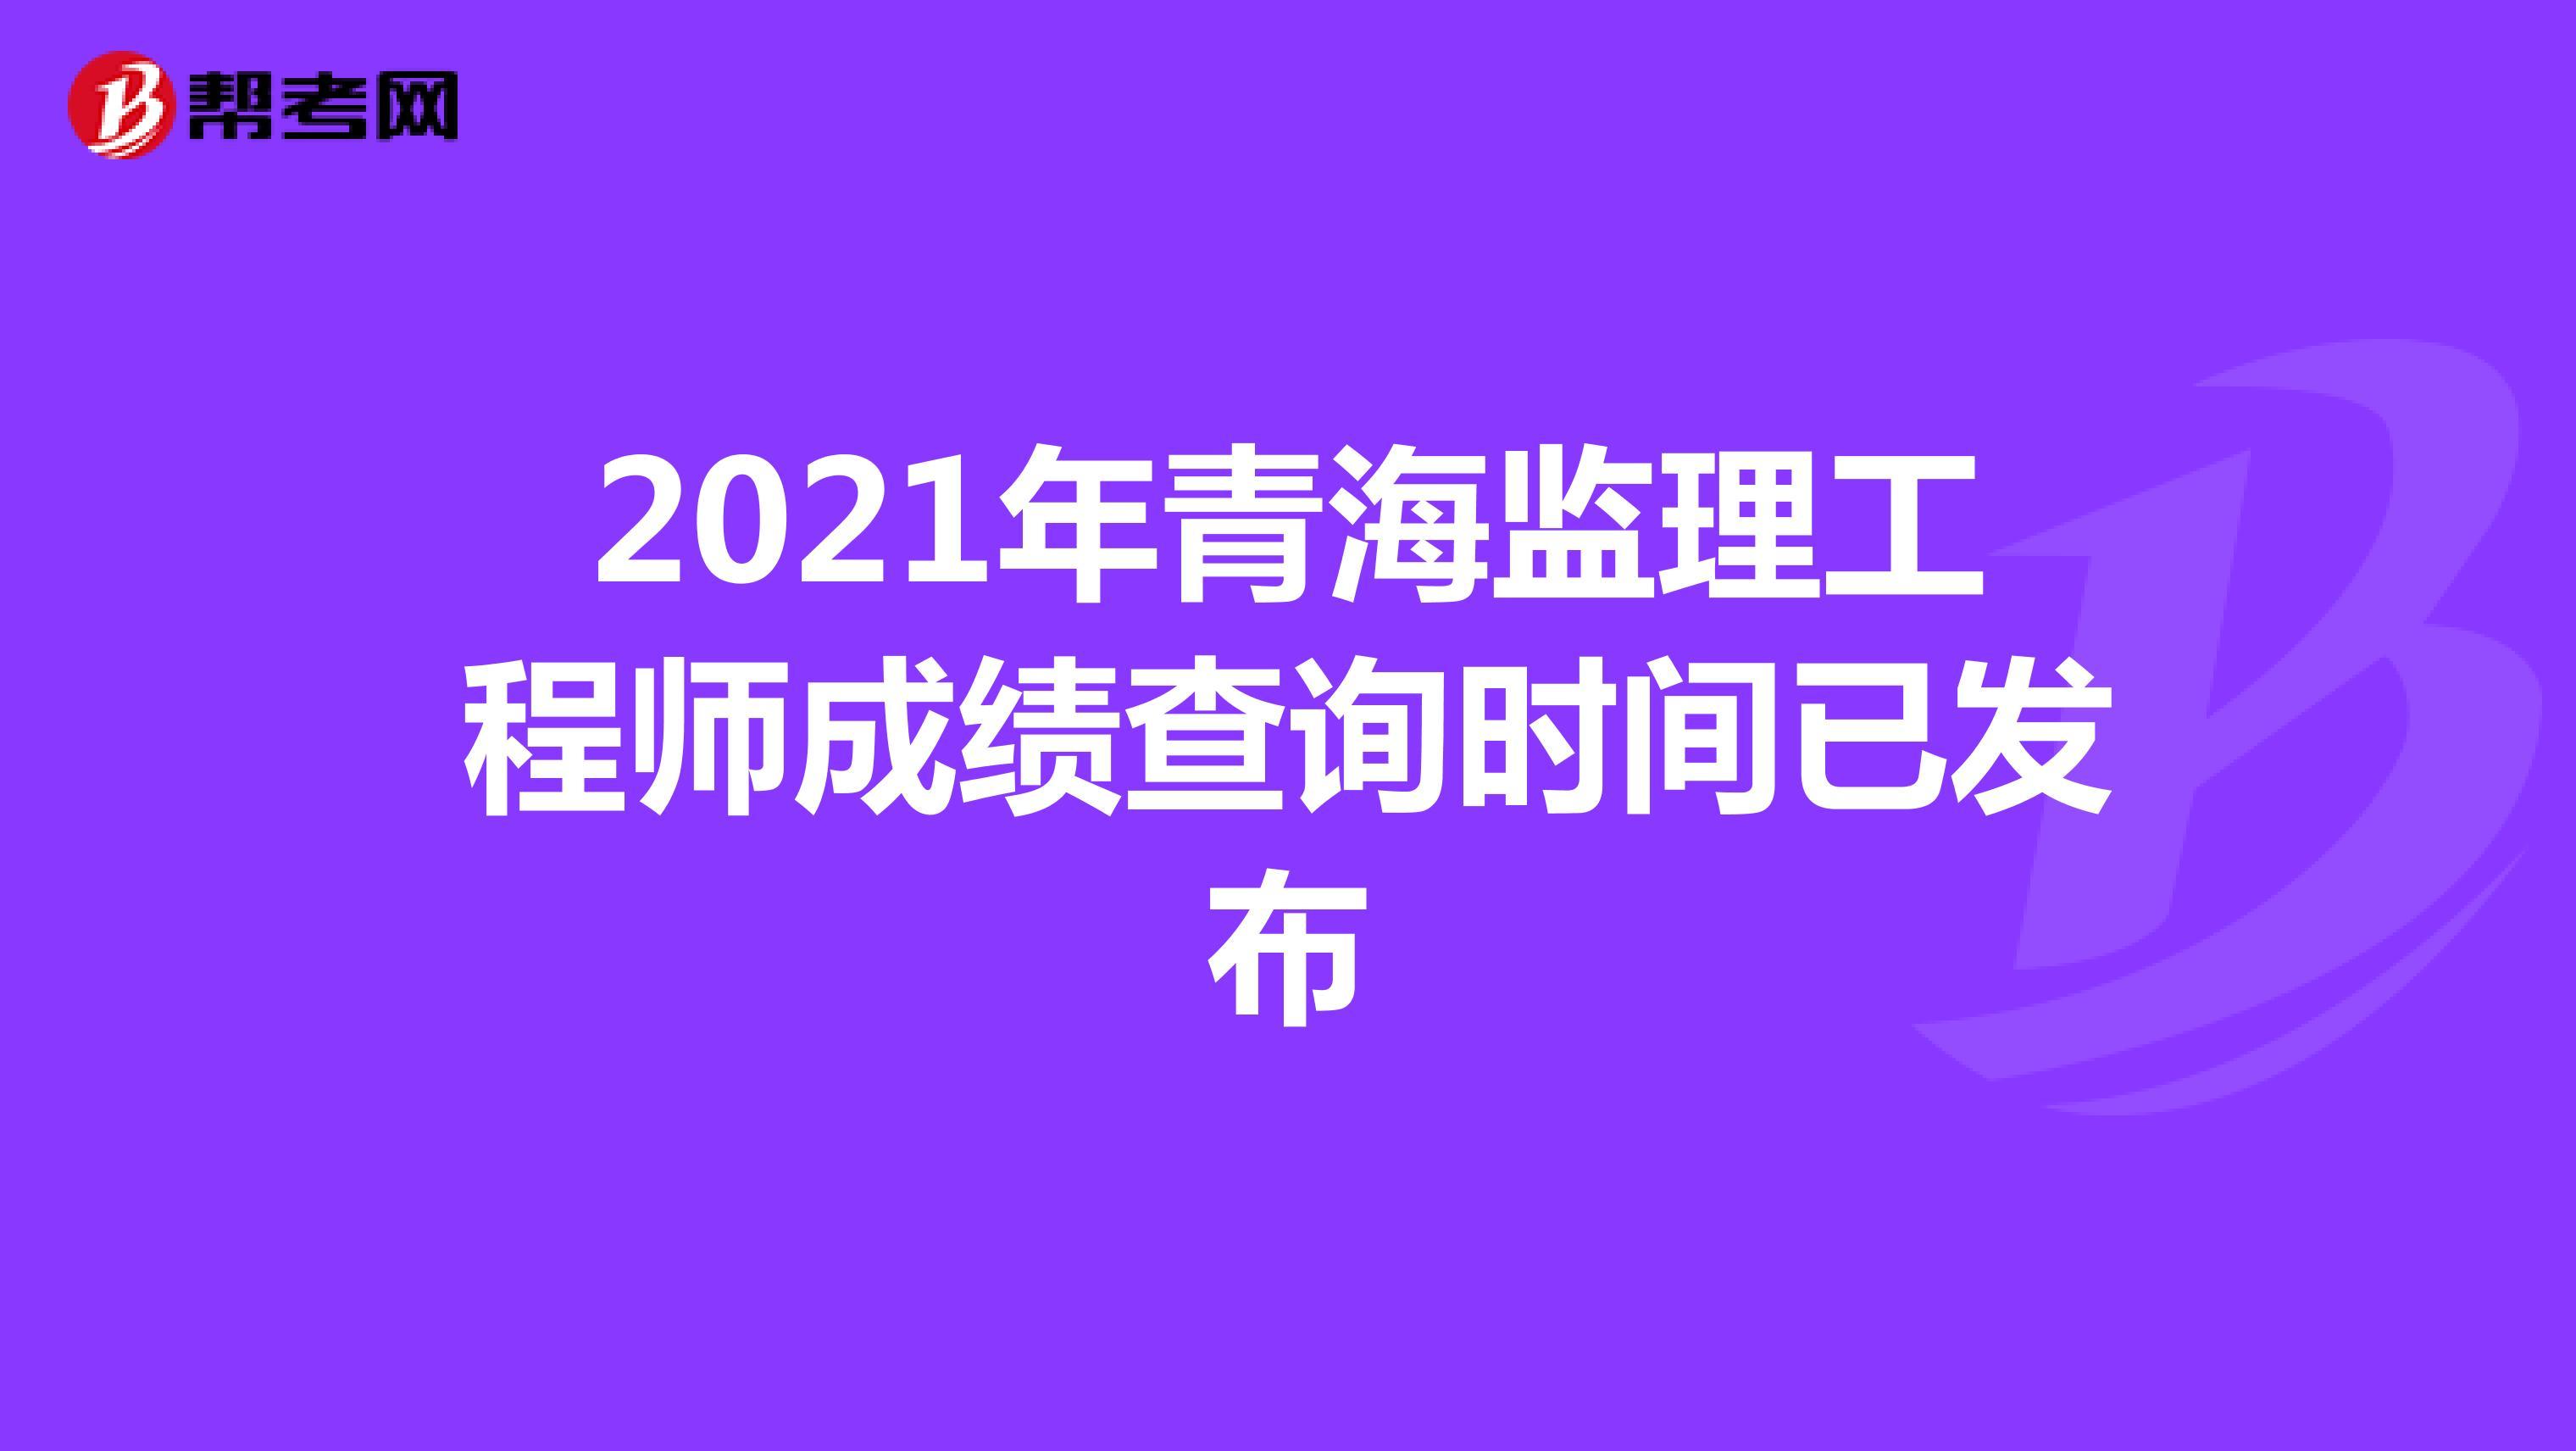 2021年青海监理工程师成绩查询时间已发布